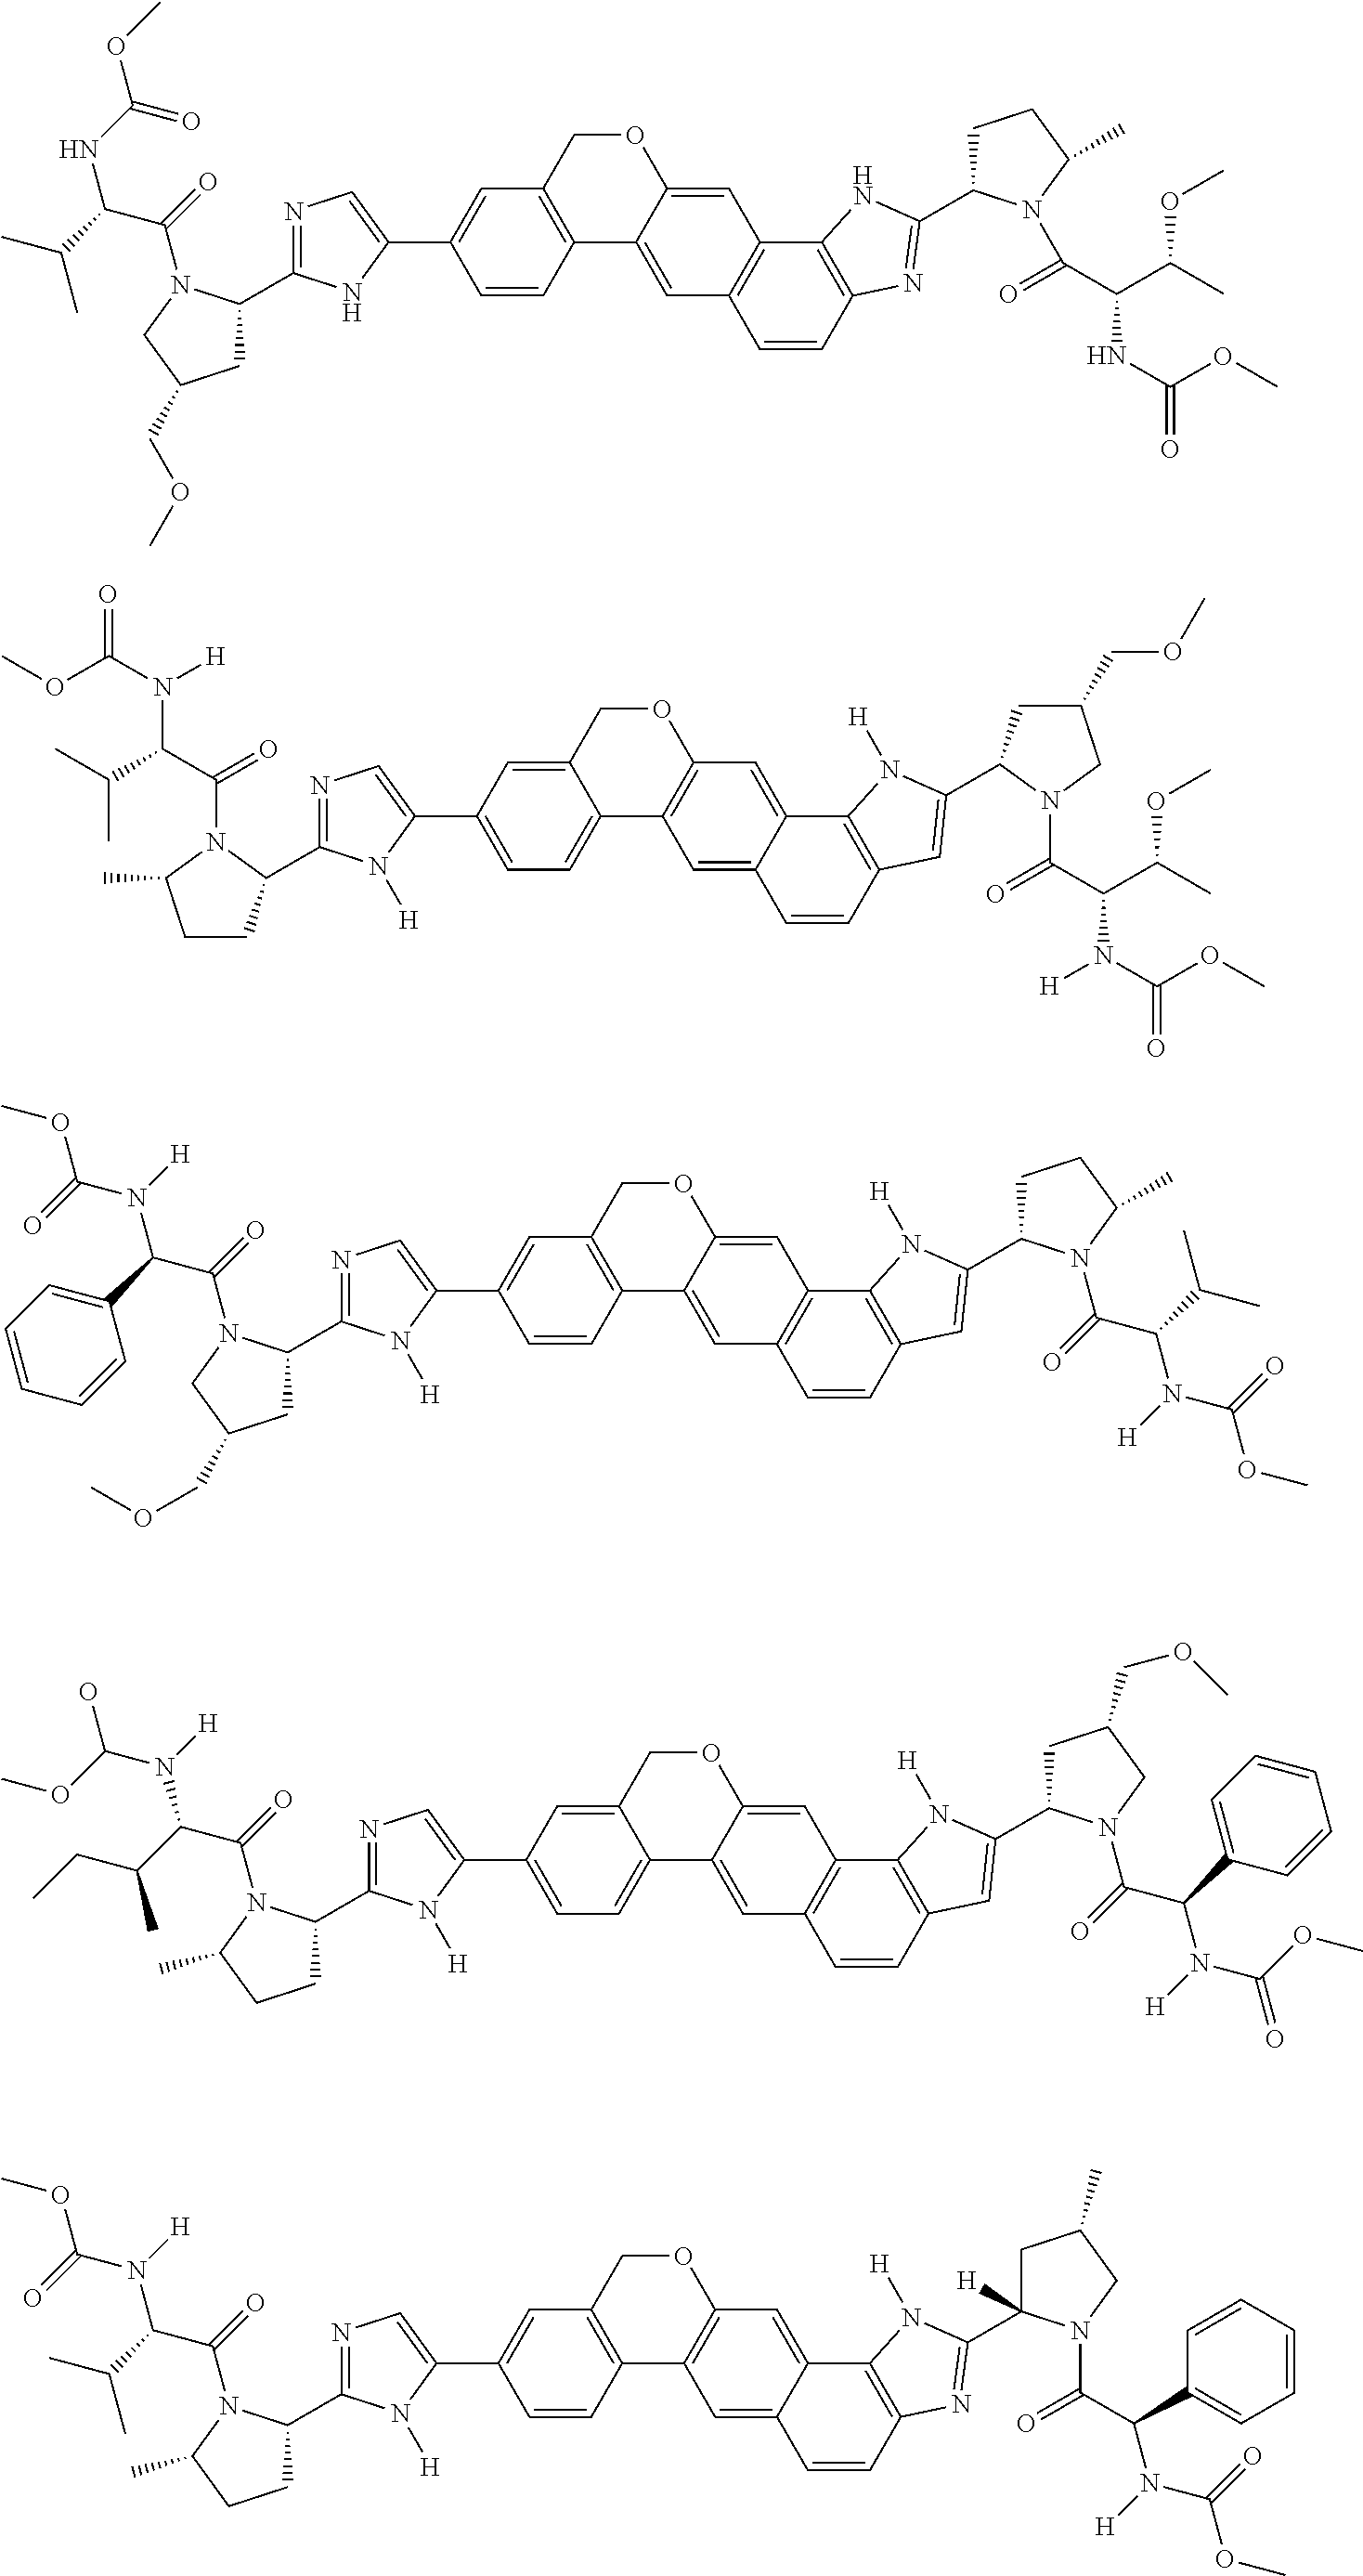 Figure US09868745-20180116-C00049